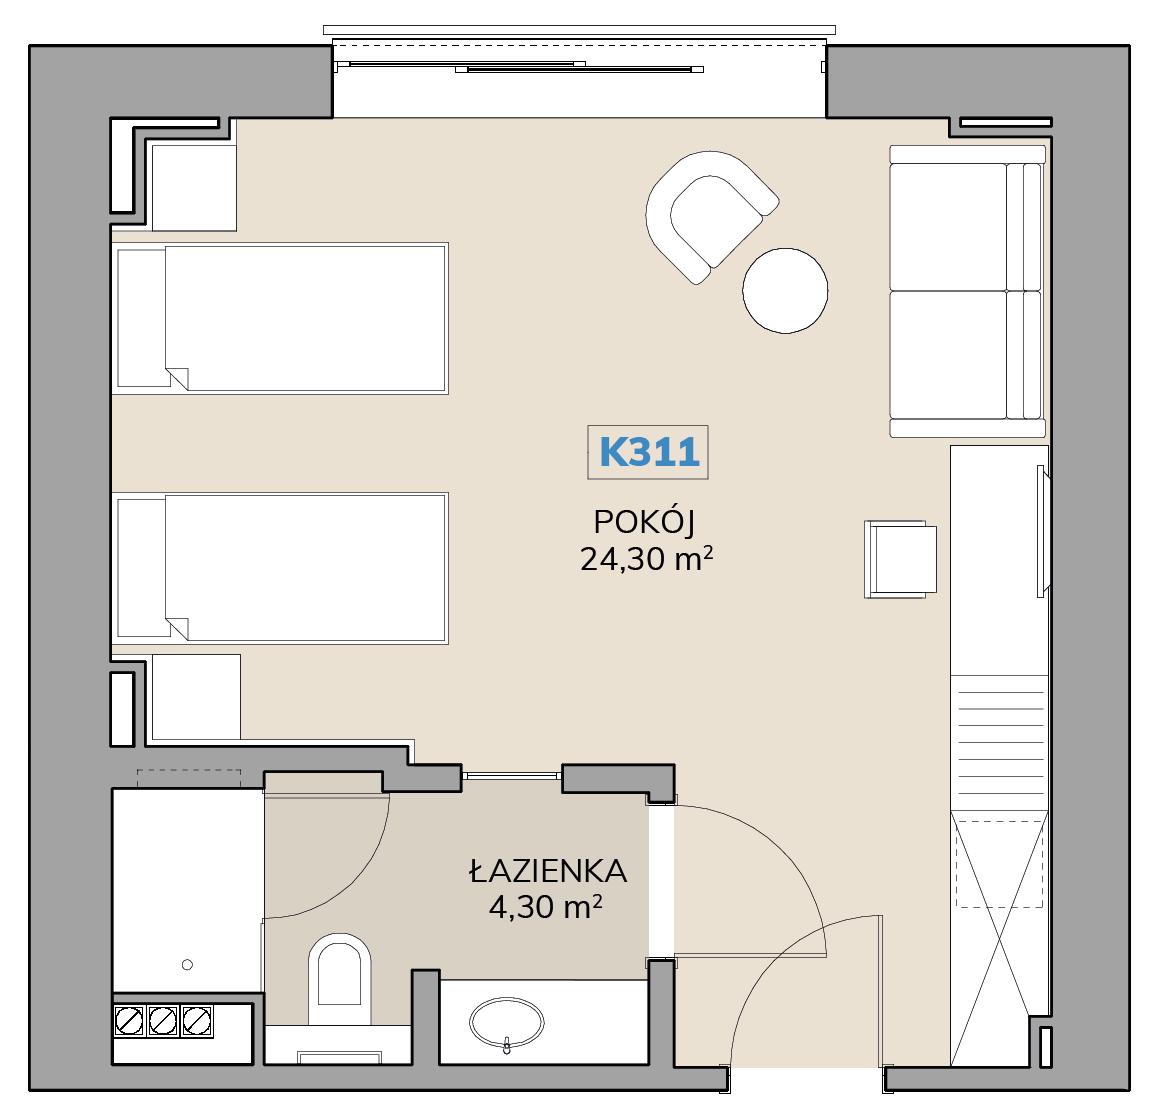 Apartament K311